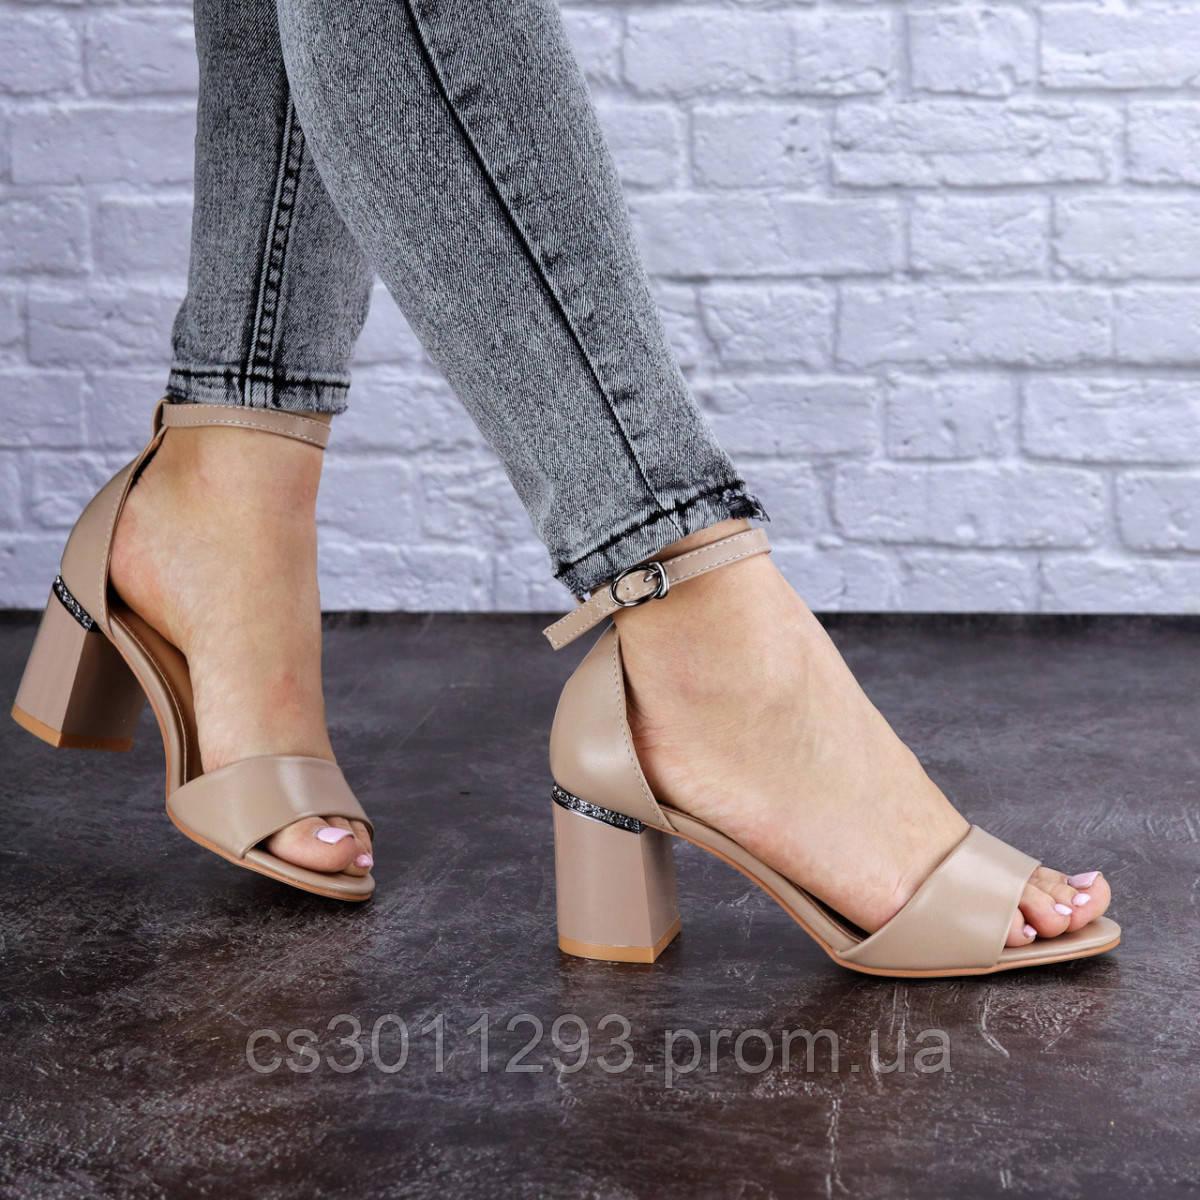 Женские босоножки на каблуке Fashion Hogie 1712 37 размер 24 см Бежевый